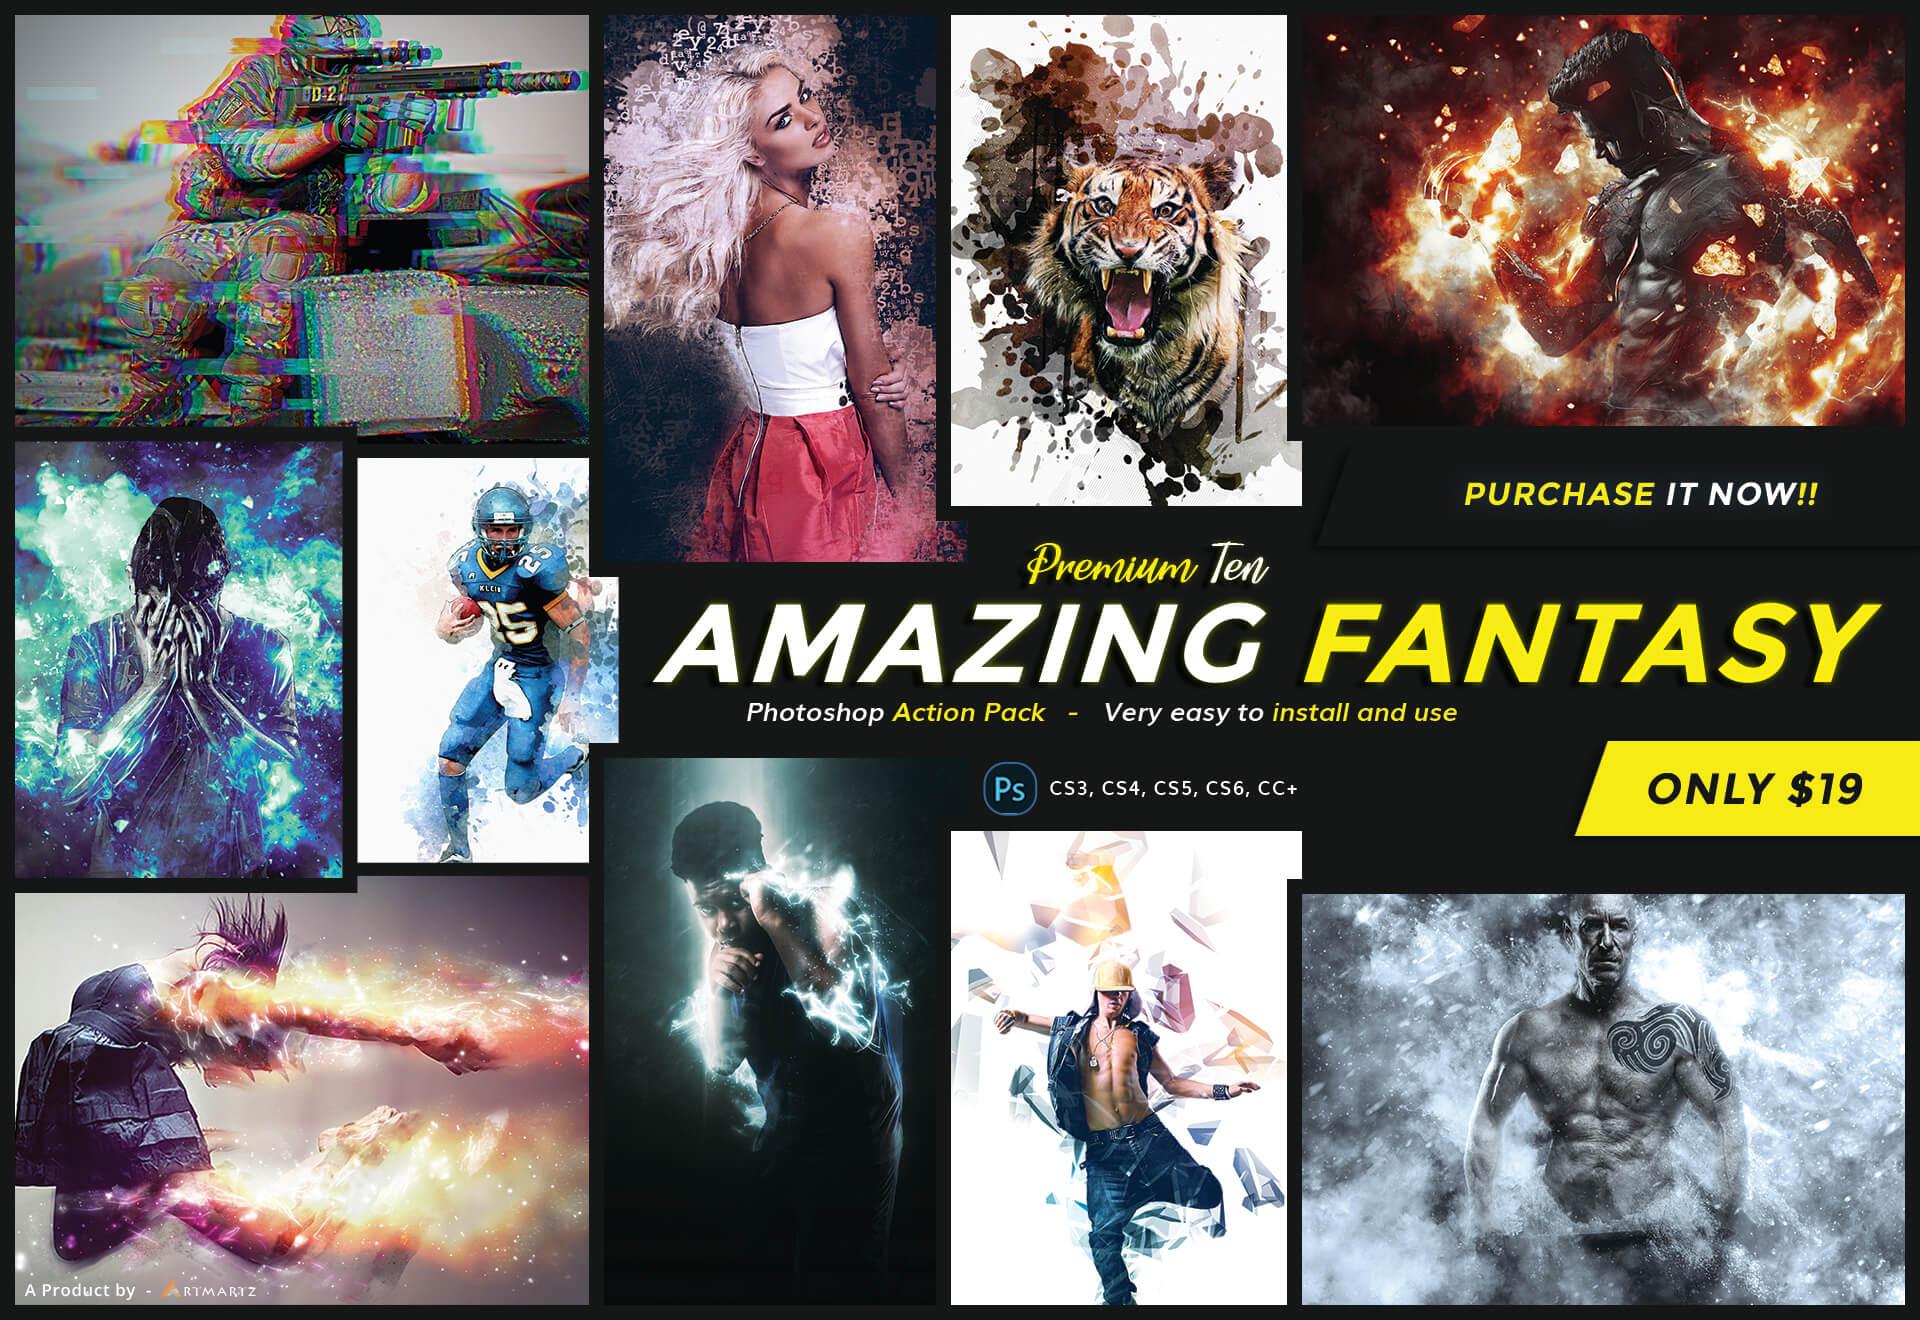 Amazing Fantasy Photoshop Action Pack